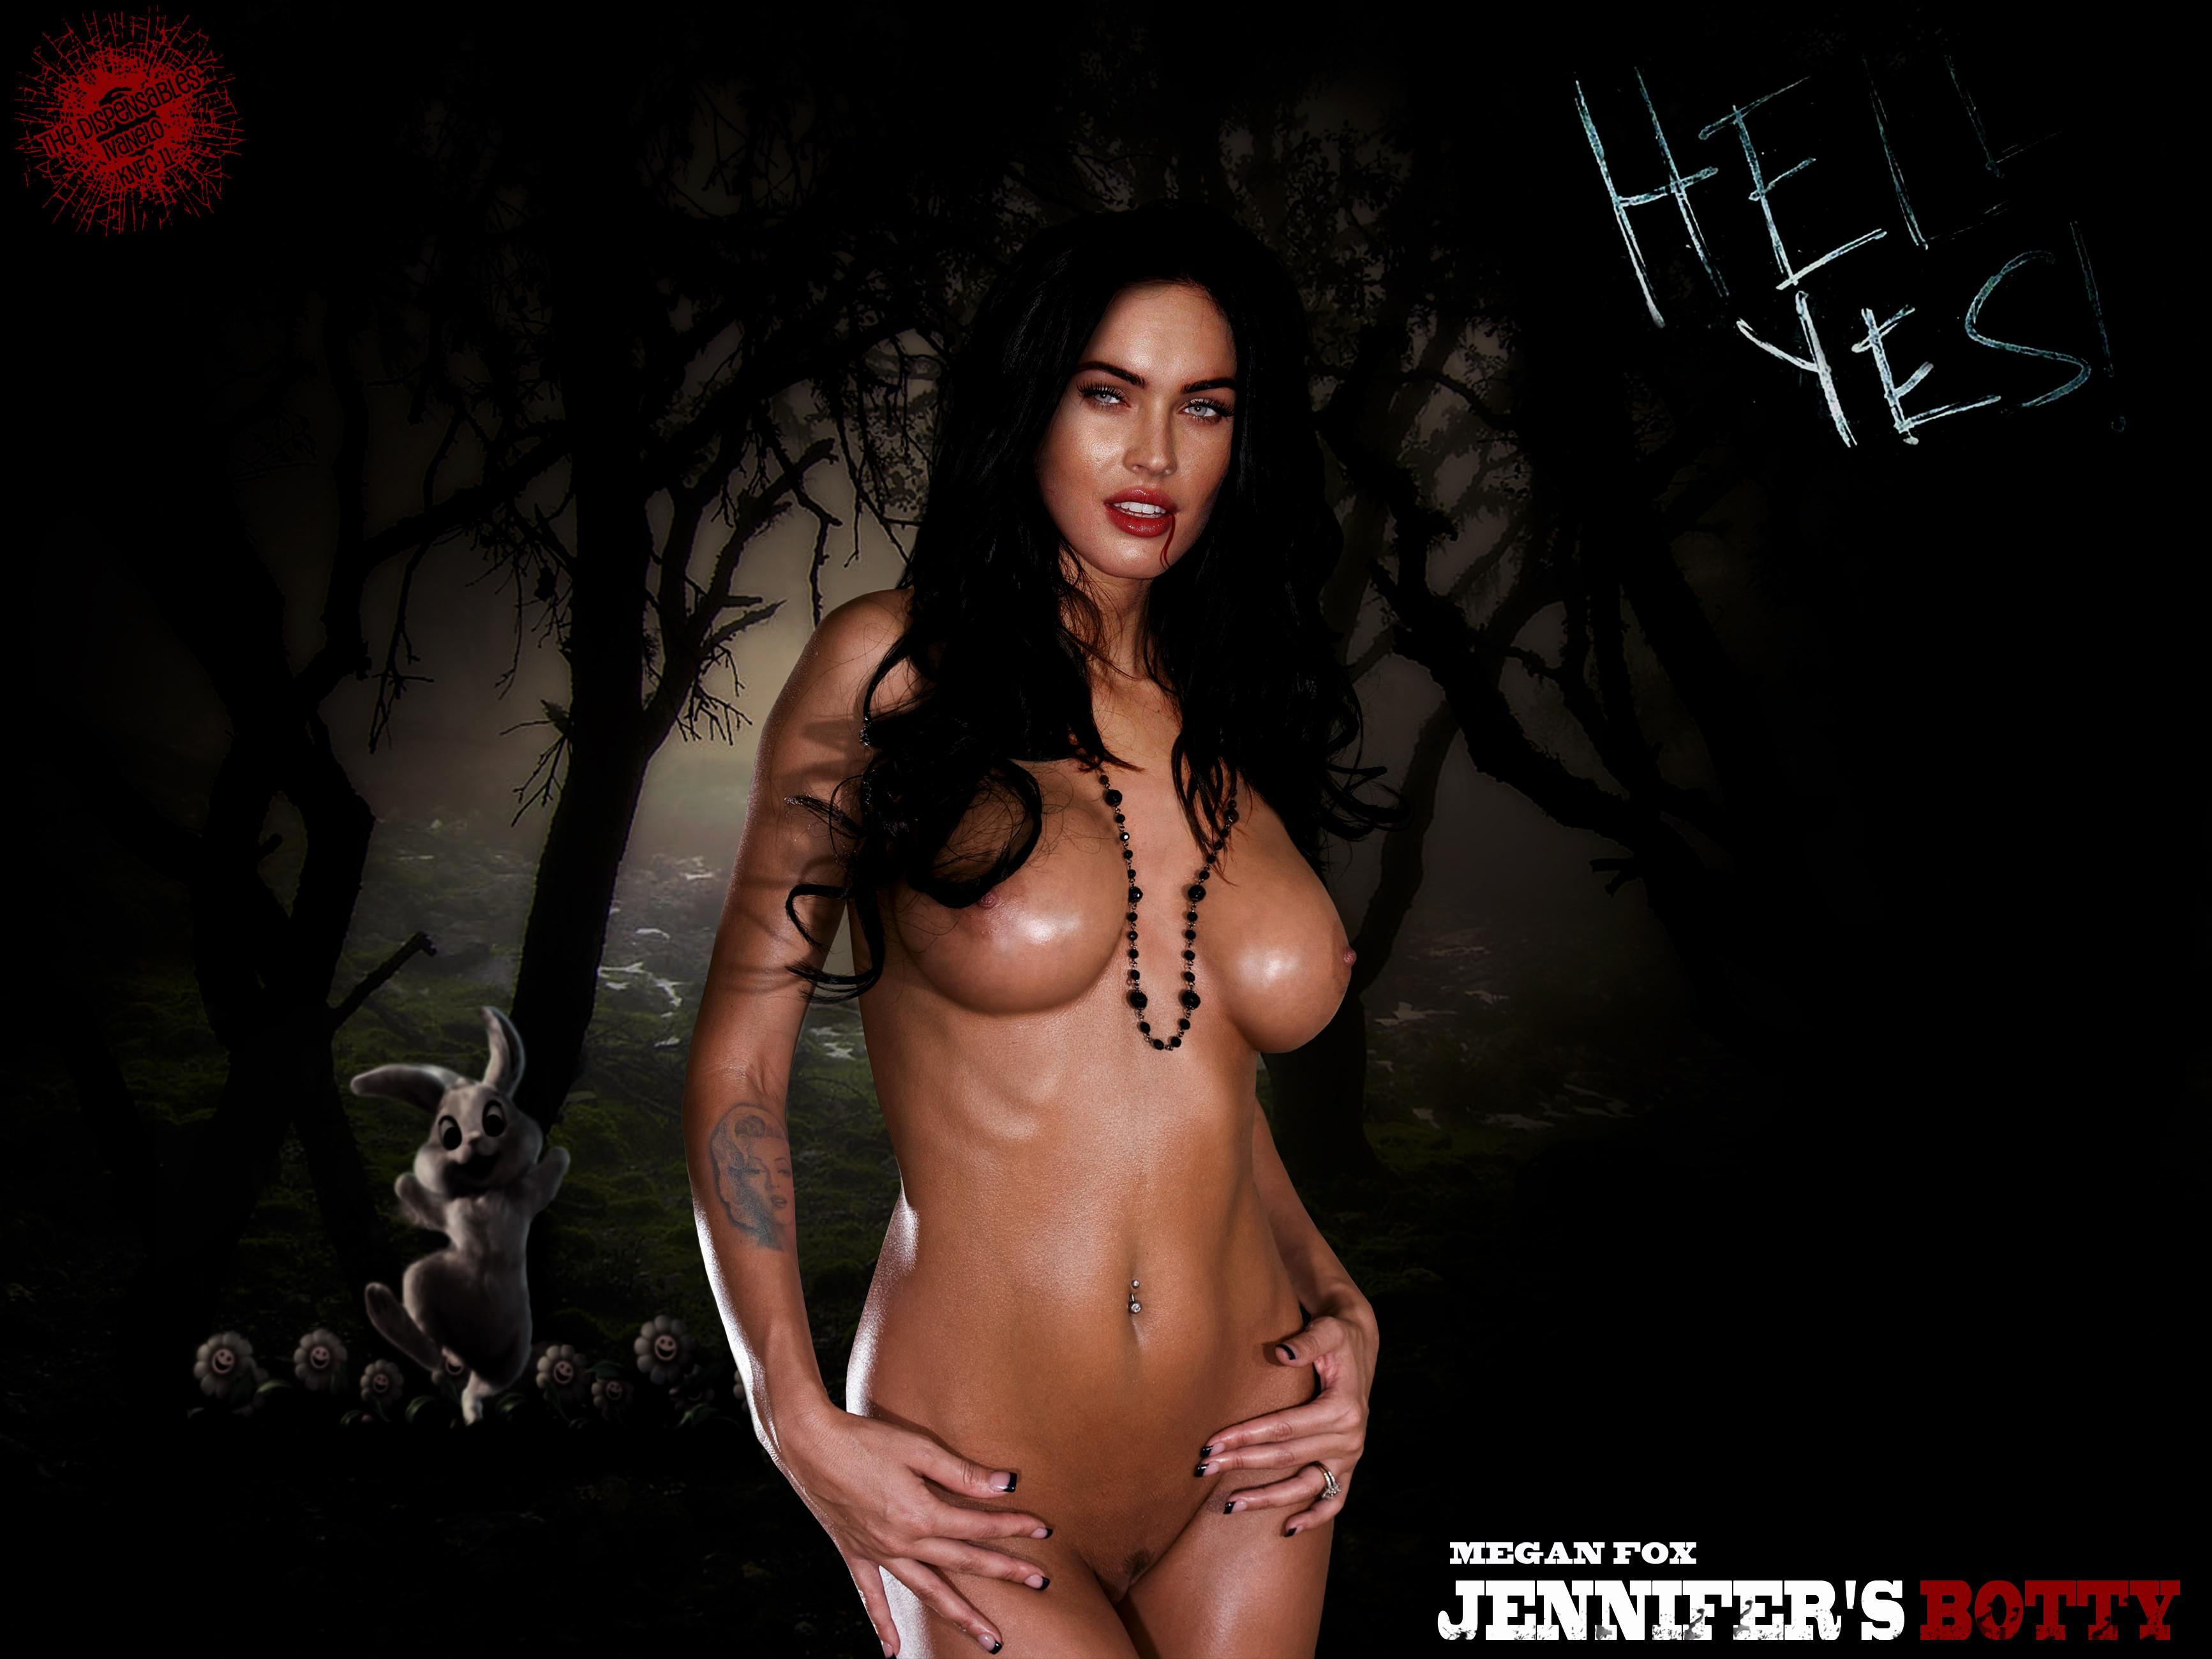 vempire naked girls gallery